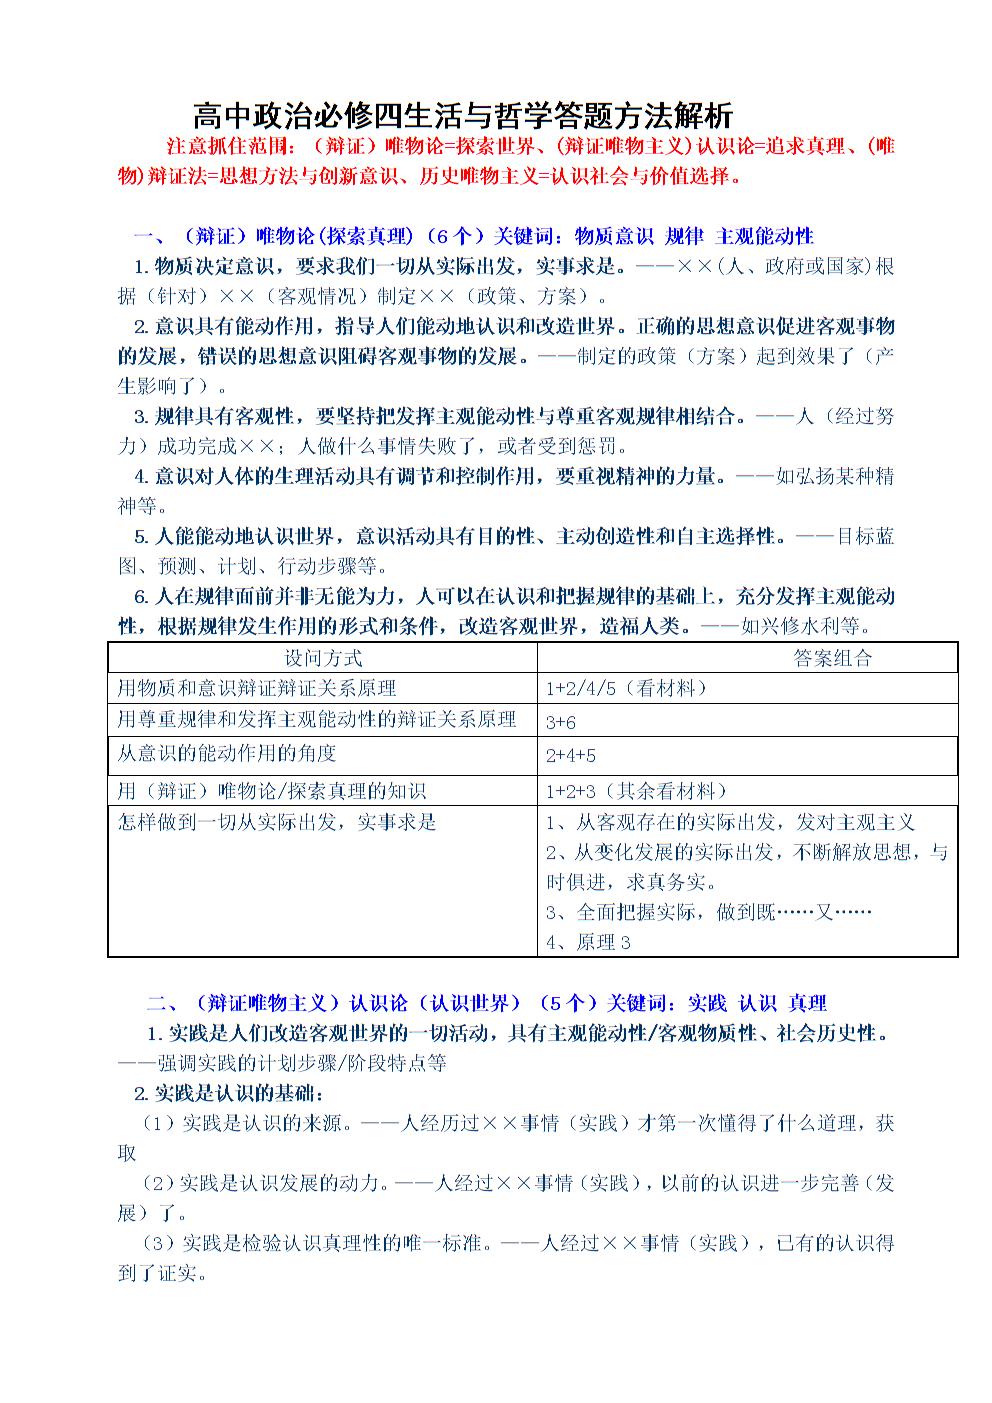 中学学校生活四必修和哲学解析方法答题.docx政治高中高中水东图片